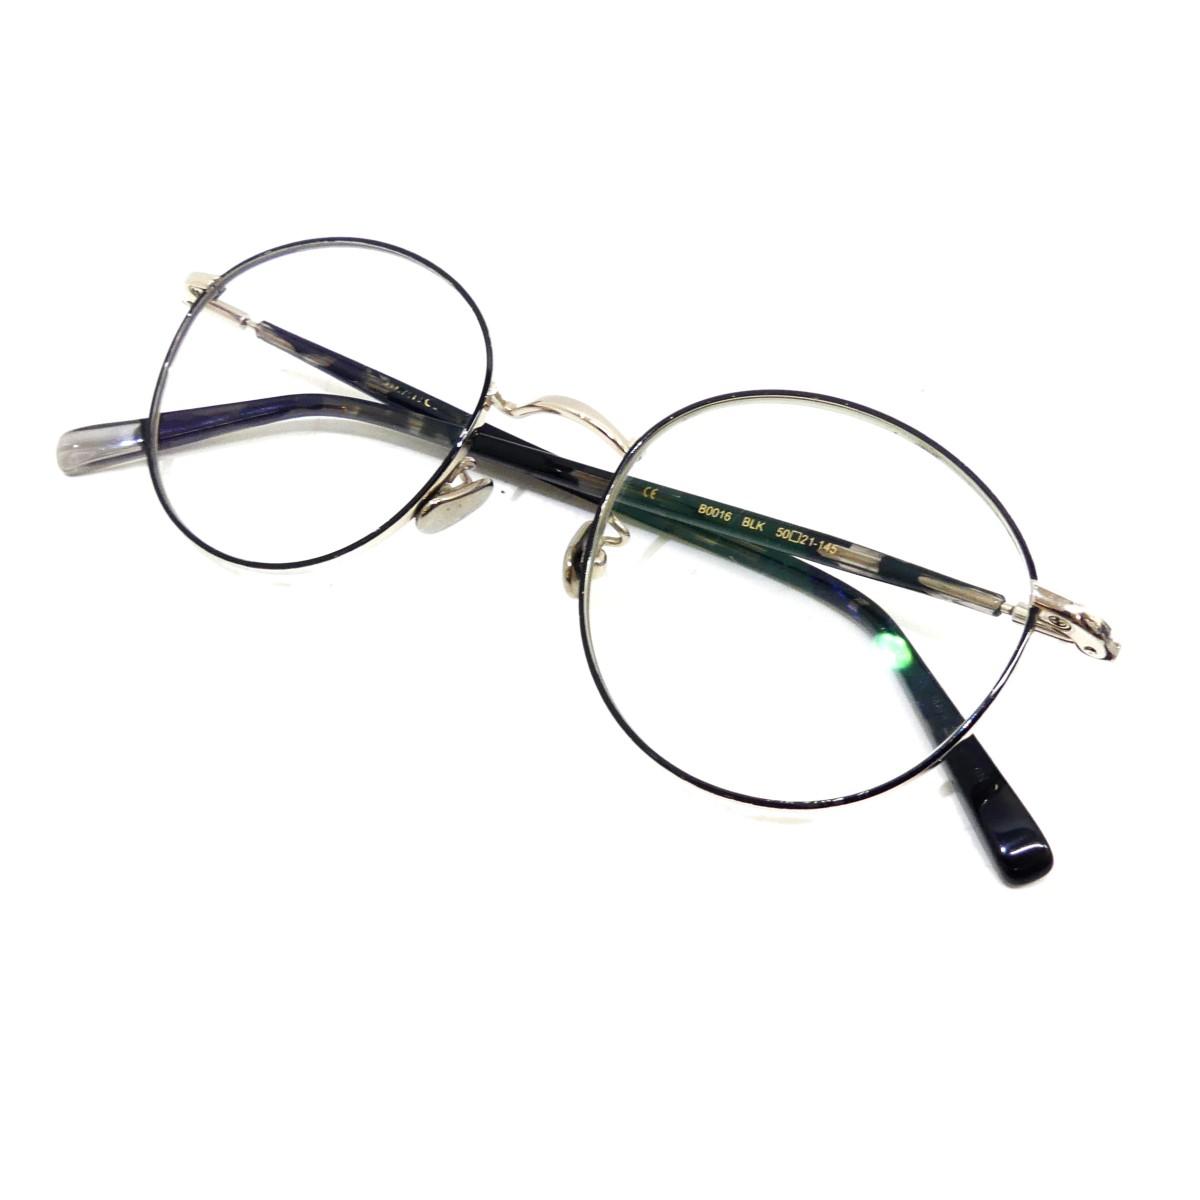 【中古】BLANC B0016 ボストン眼鏡 ブラック サイズ:50□21-145 【270720】(ブラン)